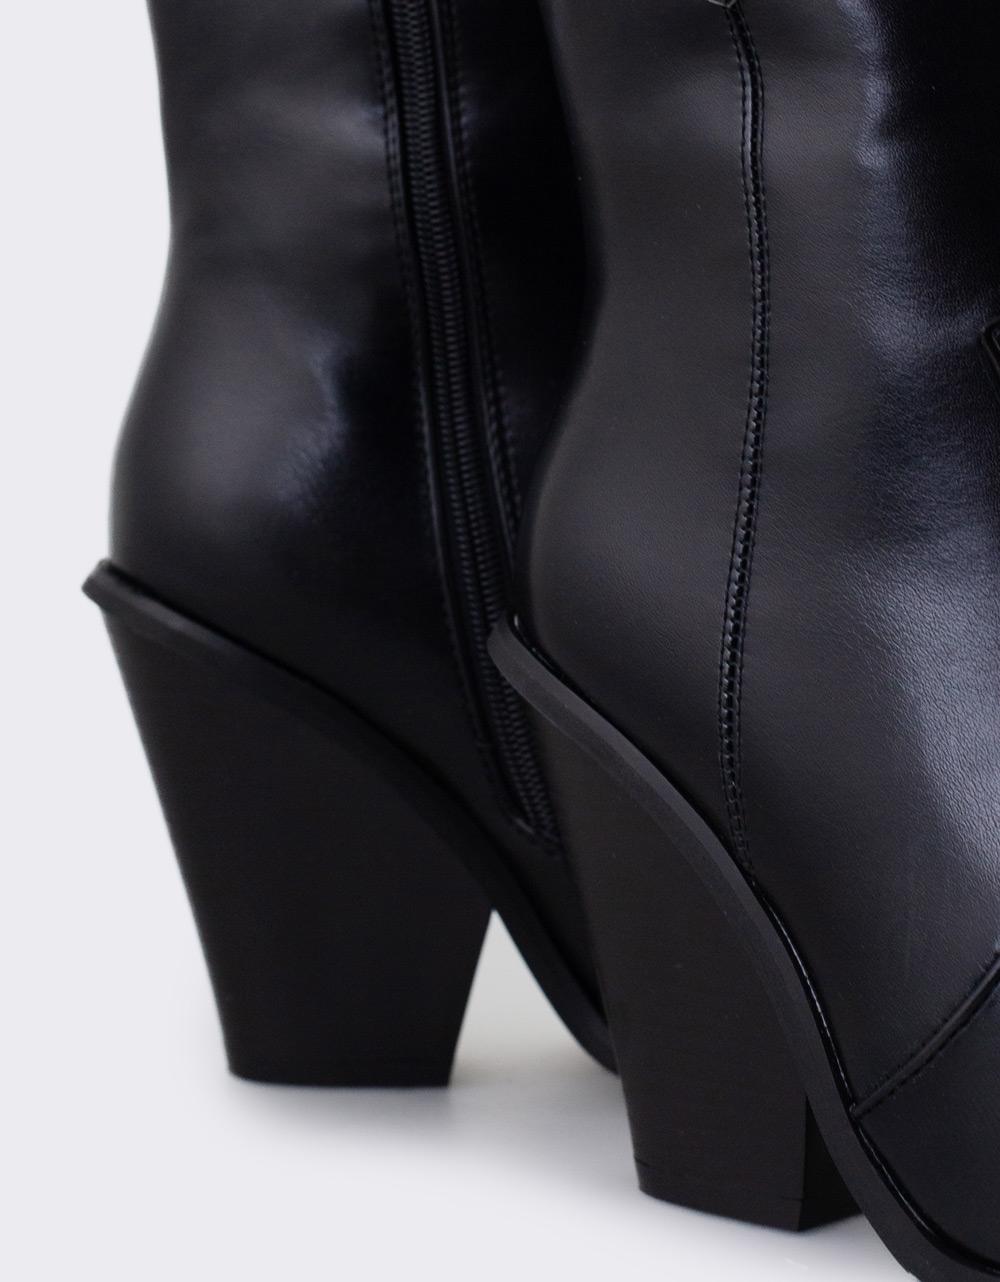 Εικόνα από Γυναικεία μποτάκια με χοντρό τακούνι Μαύρο